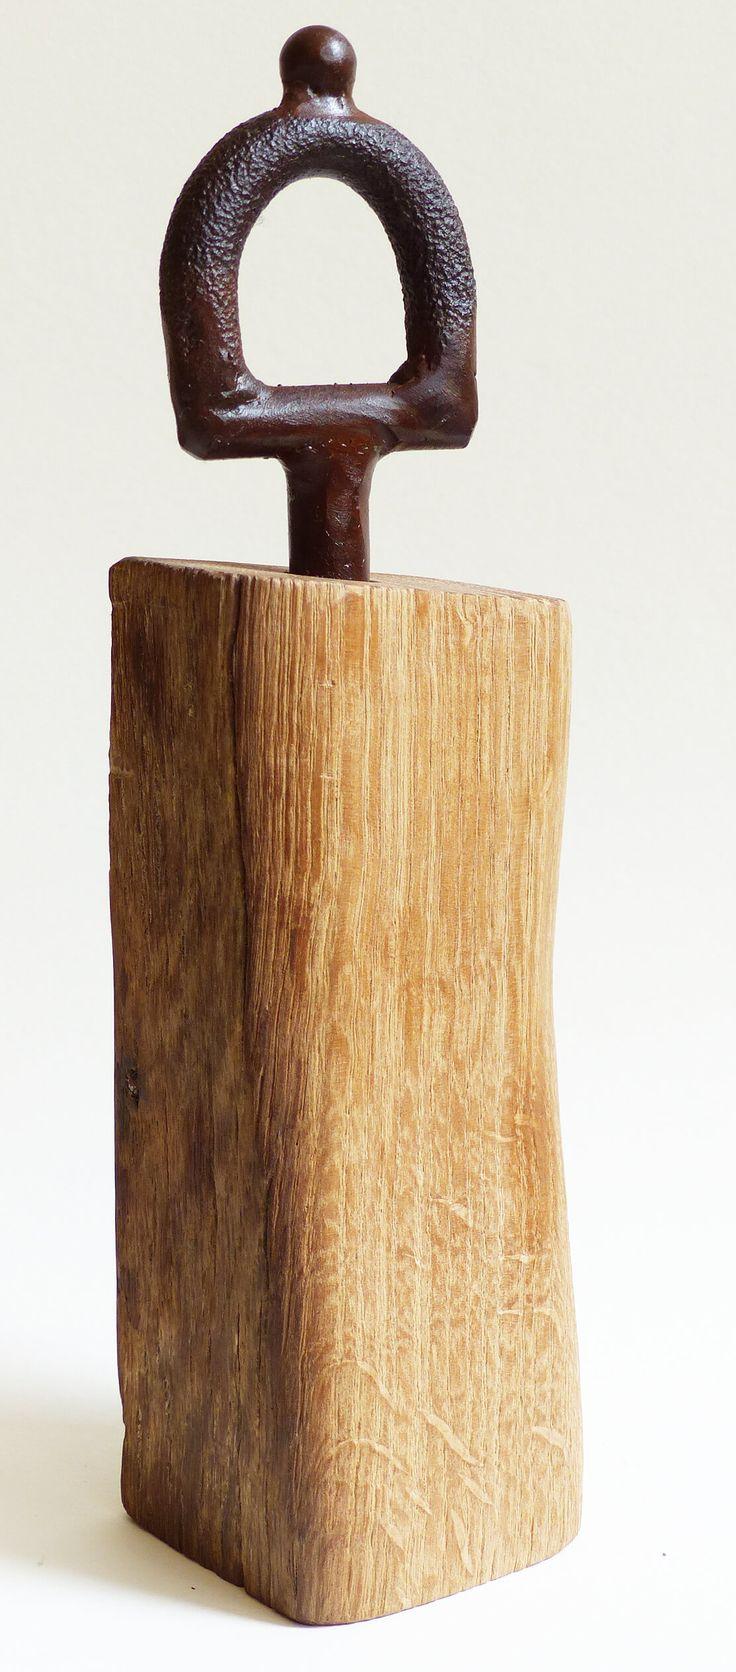 Der Körper der Pfeffermühle ist aus Holz und vom